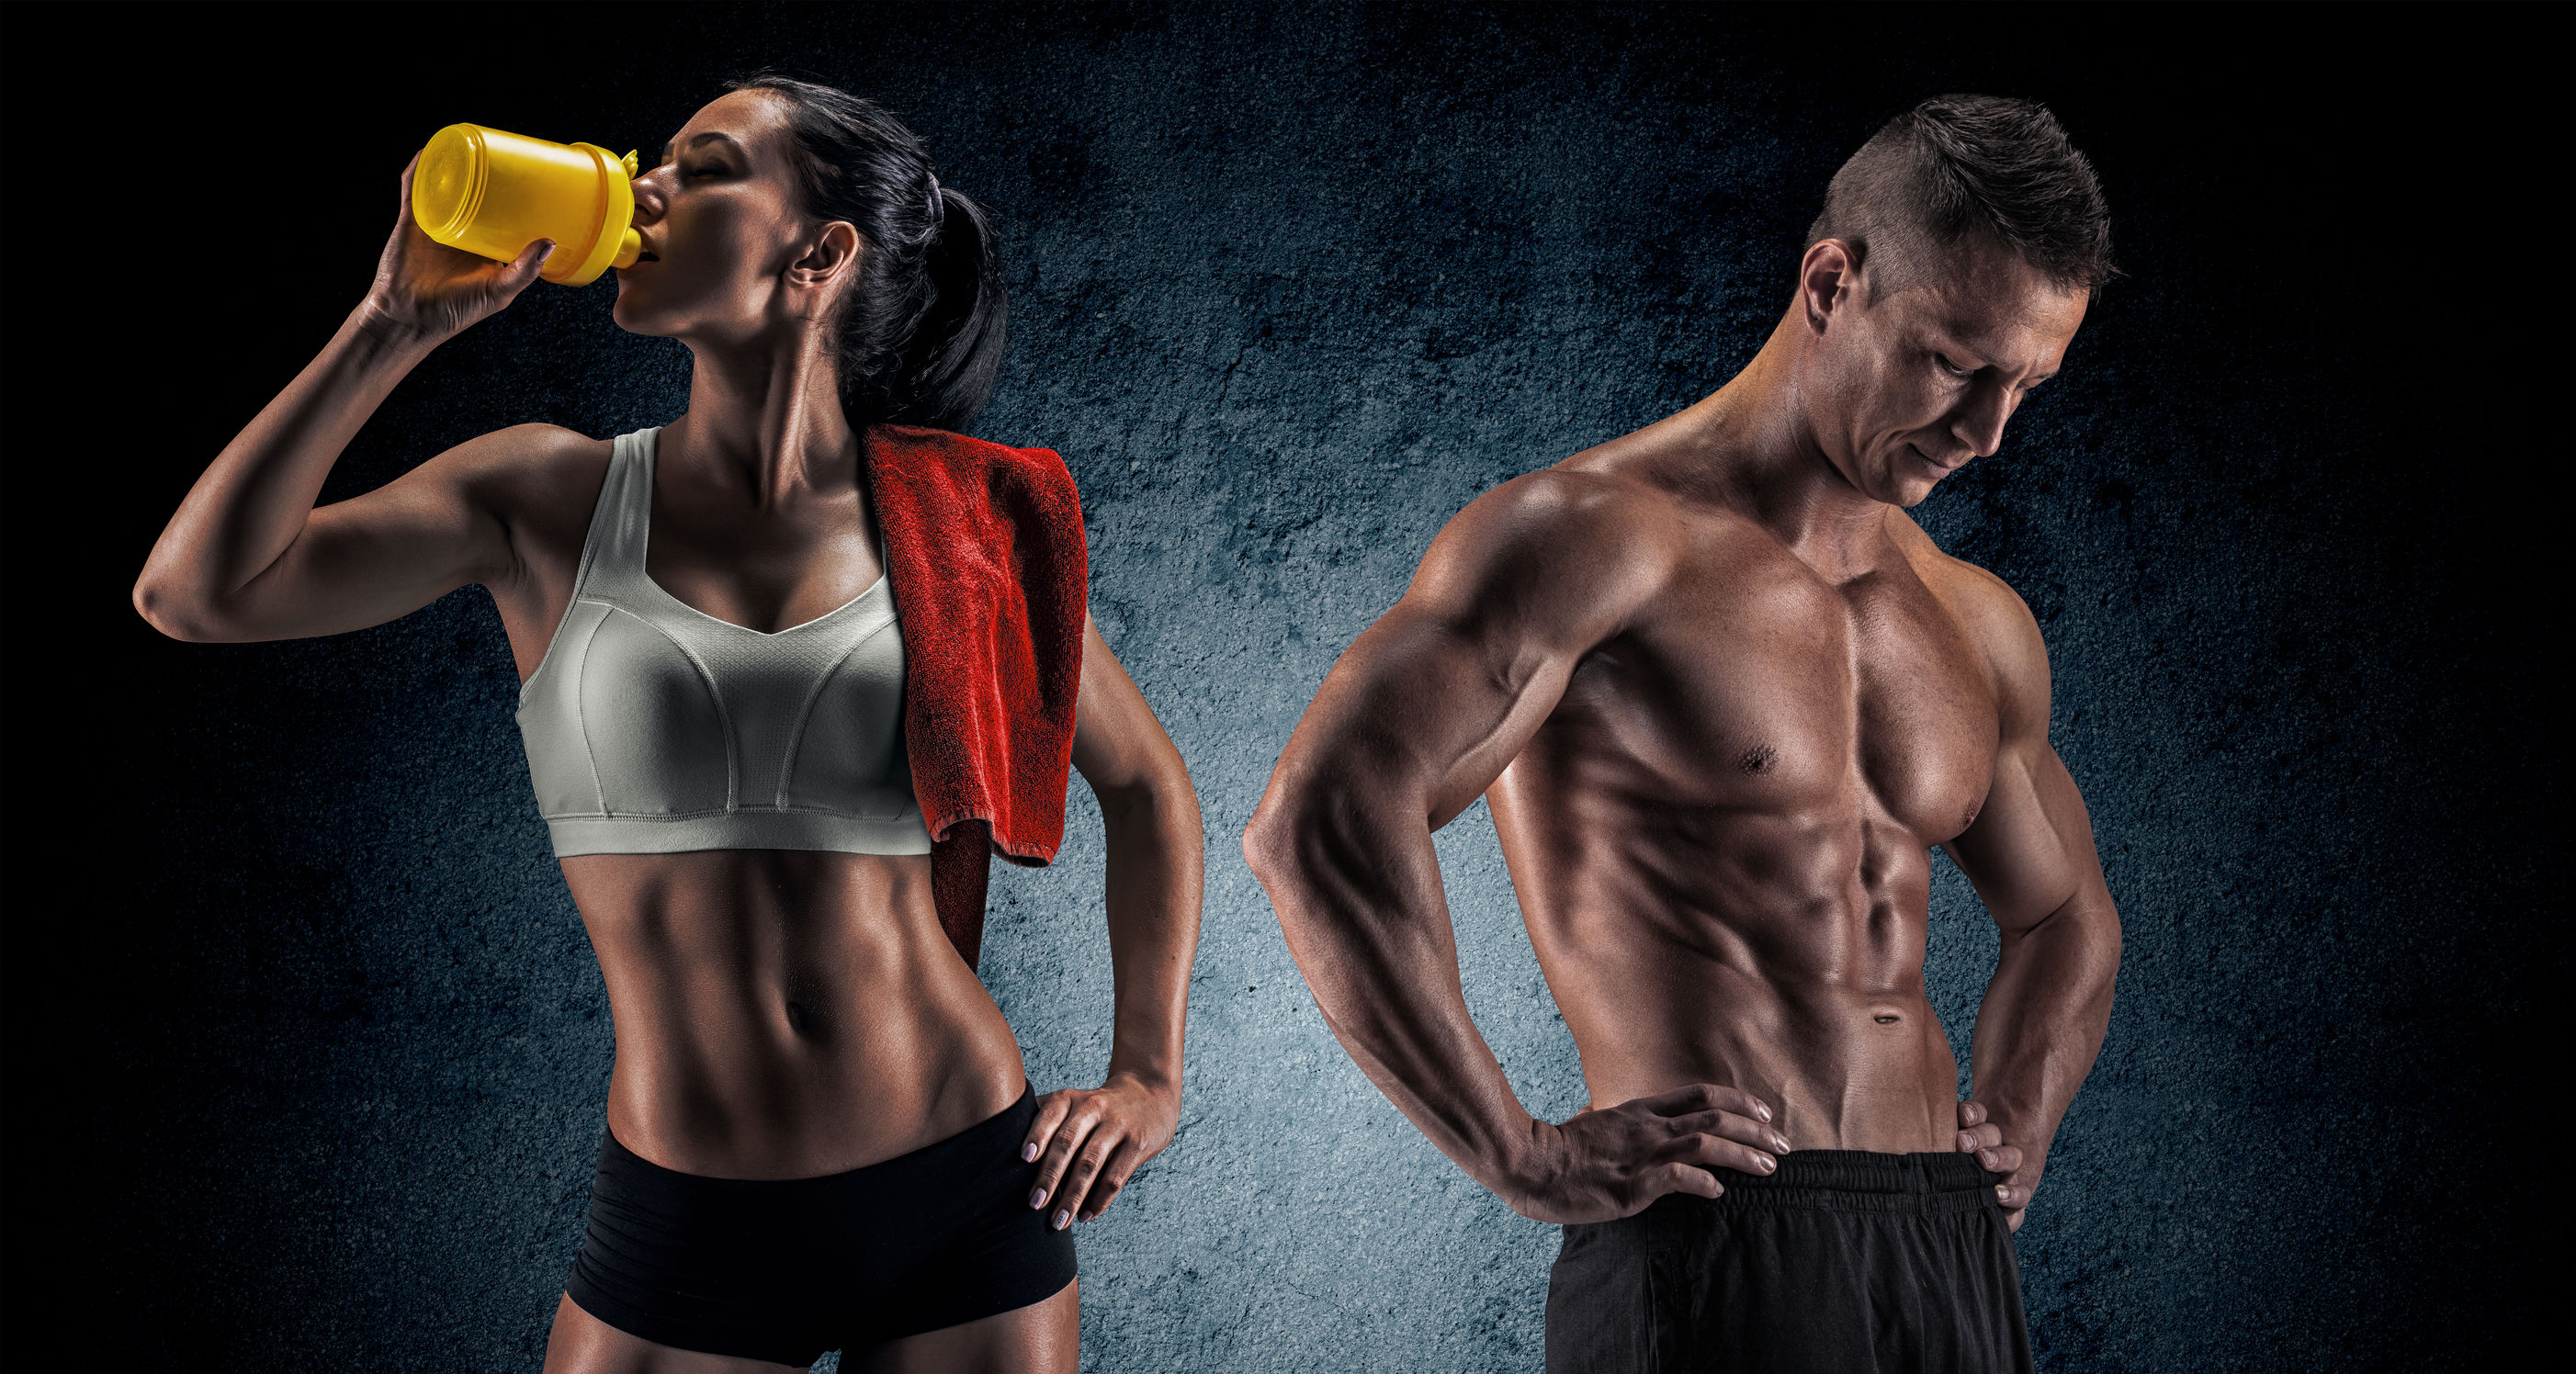 Mann und Frau die Fitness machen